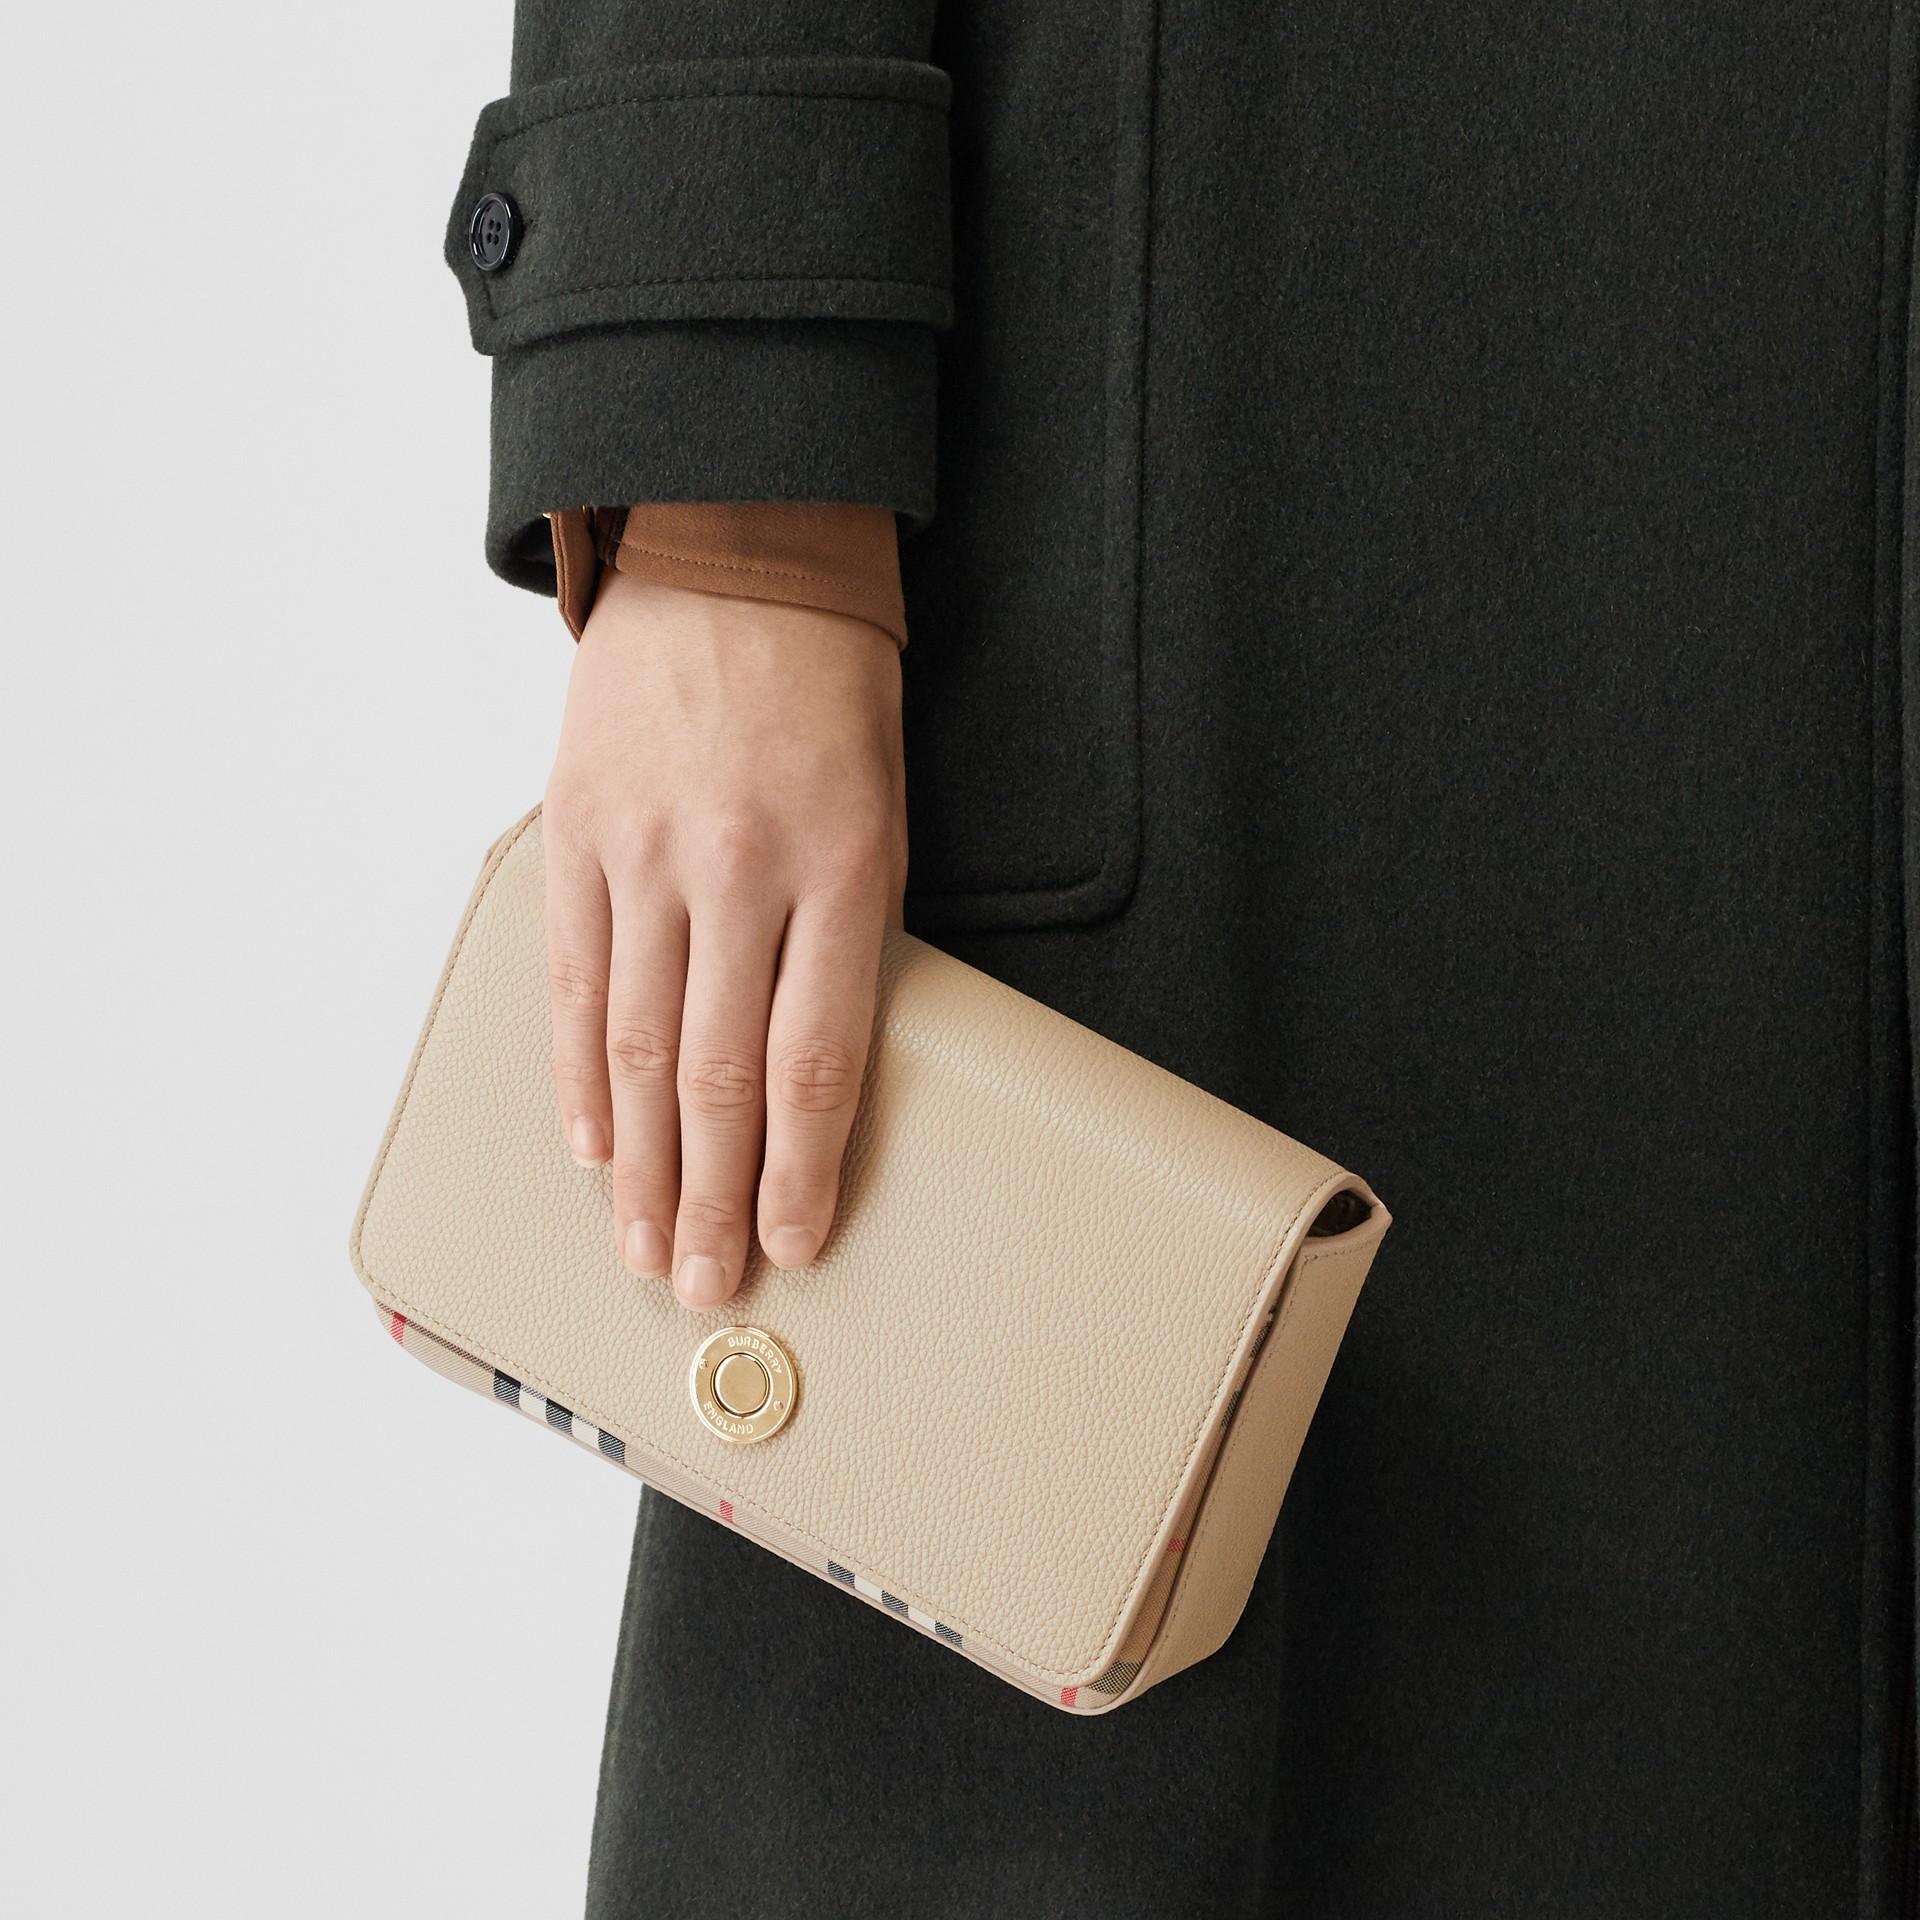 Bolsa transversal de couro e Vintage Check - Pequena (Bege Claro) - Mulheres   Burberry - galeria de imagens 2